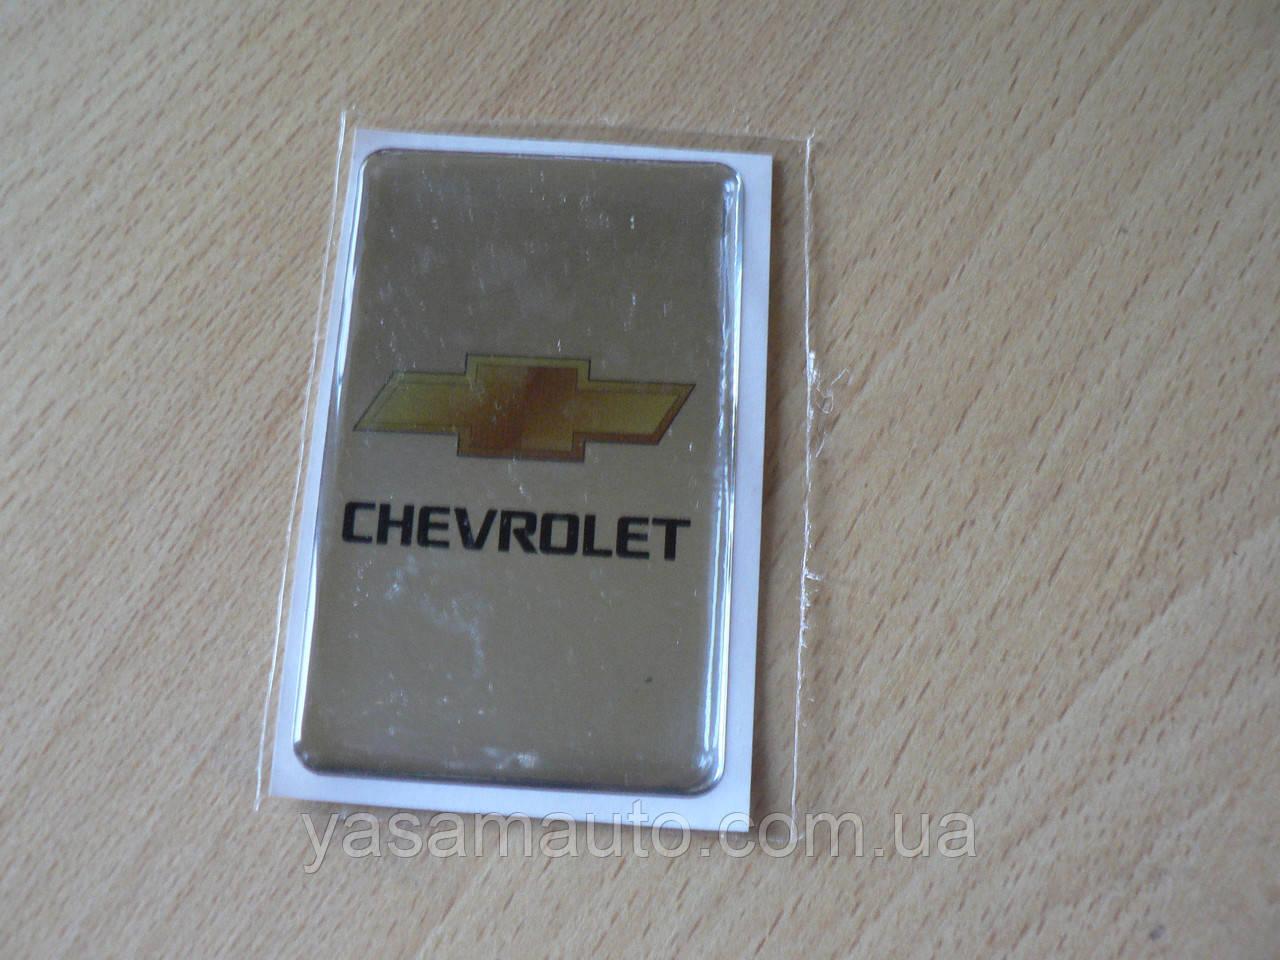 Наклейка s надпись Chevrolet 50х80х1мм хром силиконовая полоска на авто эмблема Шевролет Шевроле медальон